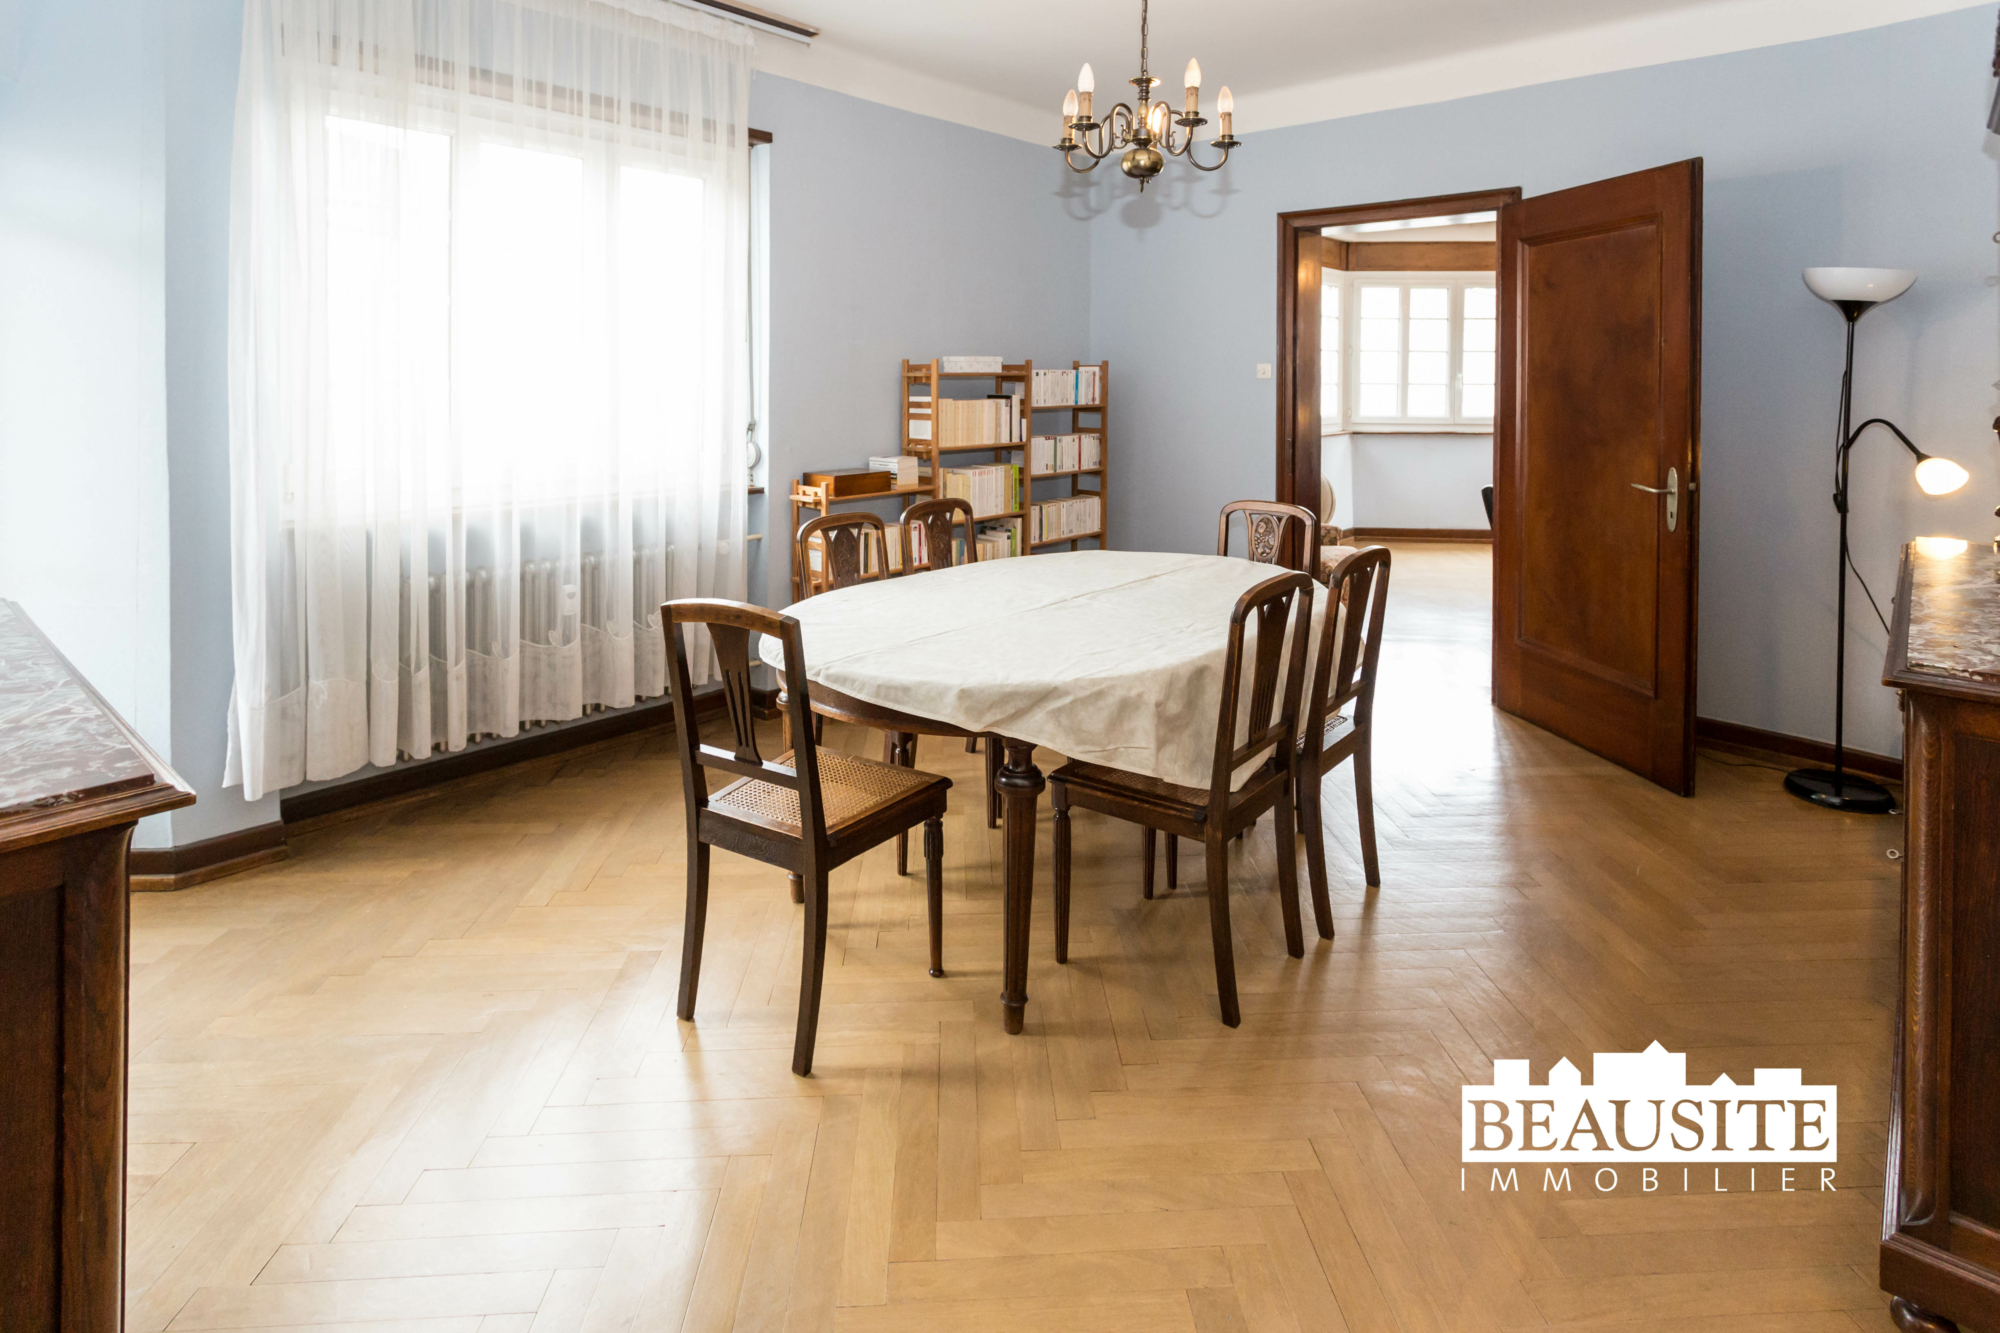 [Paquebot] Accostez dans un appartement à la vue sur la Cathédrale - Halles / rue de Bouxwiller - nos ventes - Beausite Immobilier 7